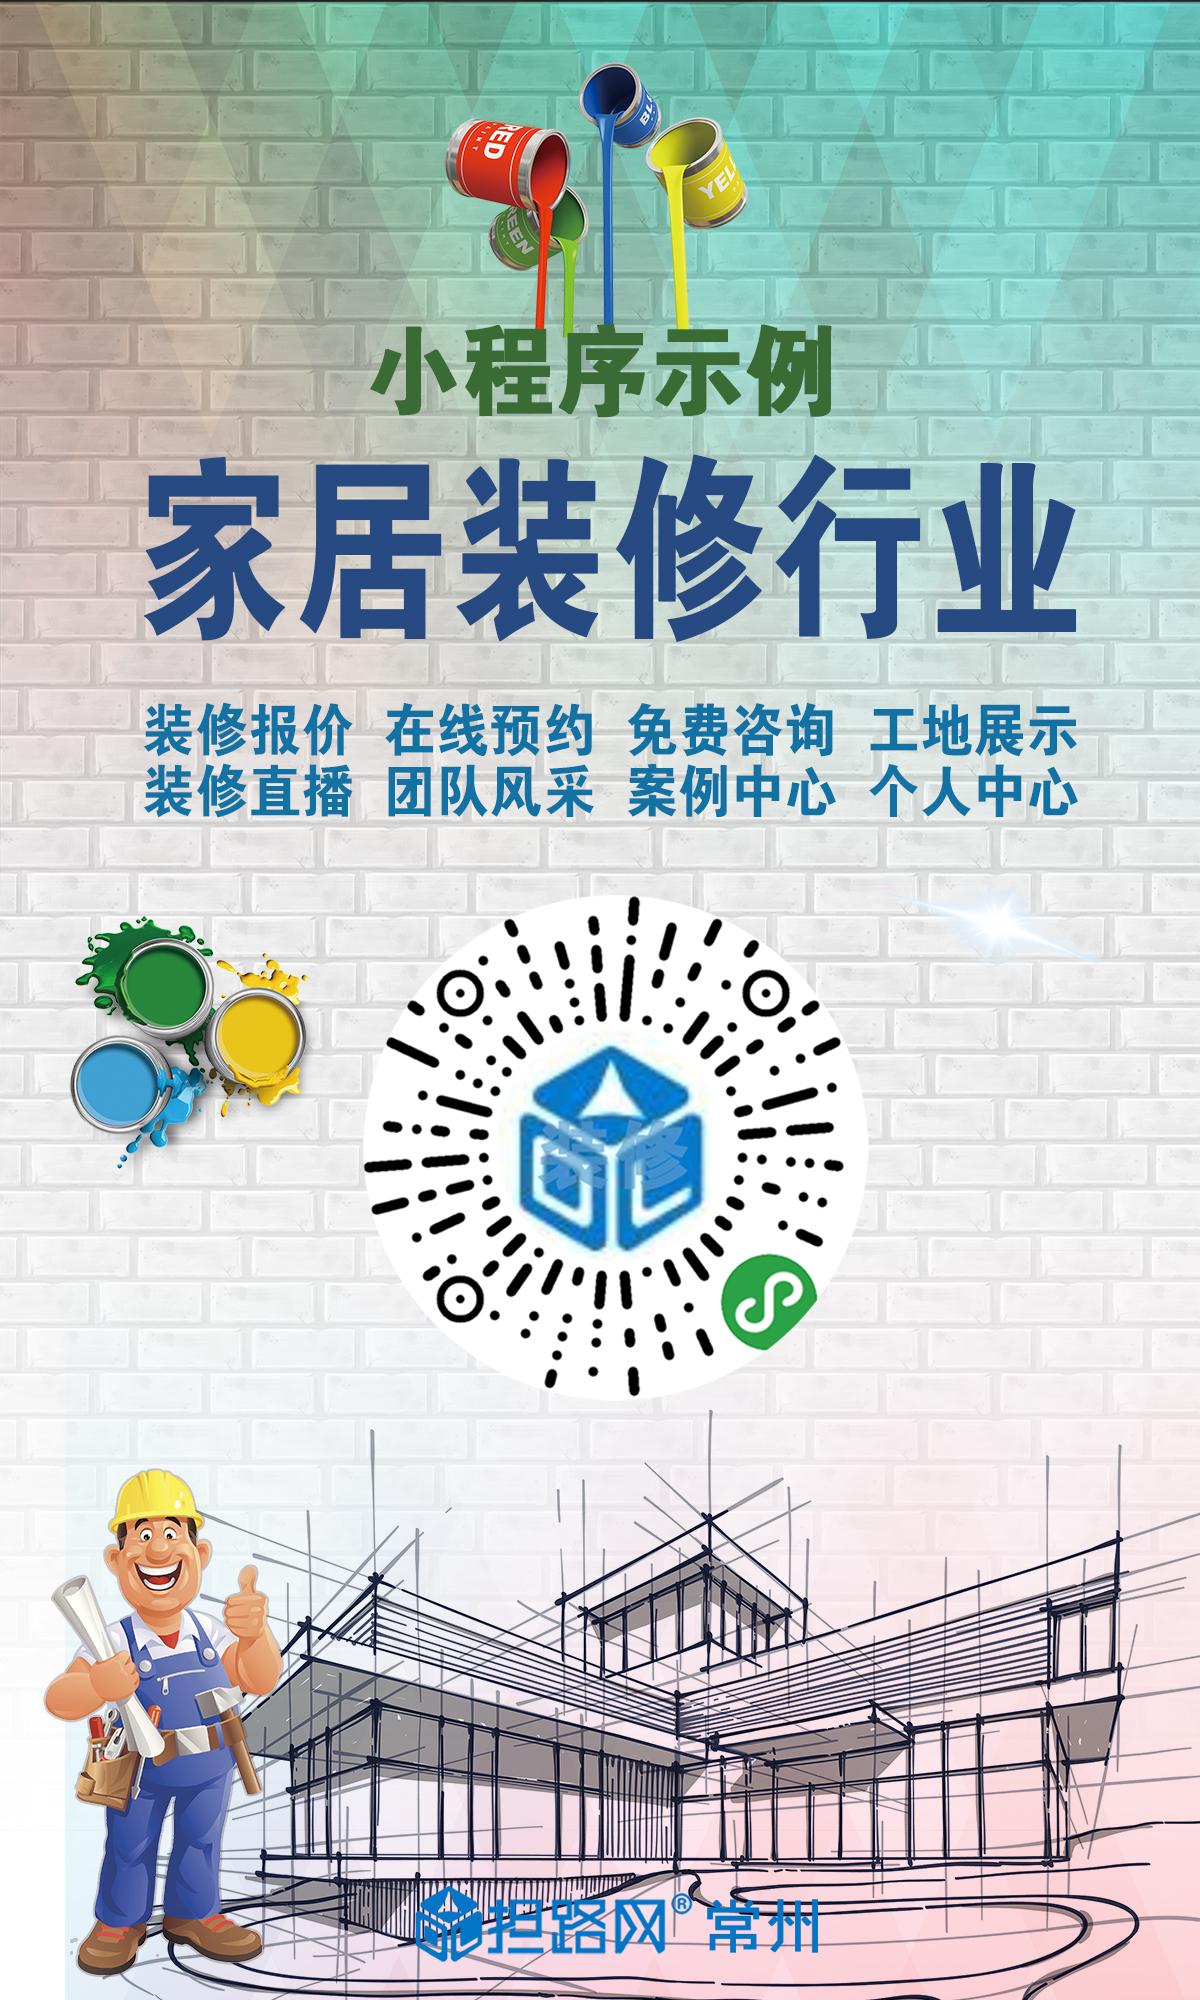 小程序专业装修房子宣传海报.jpg